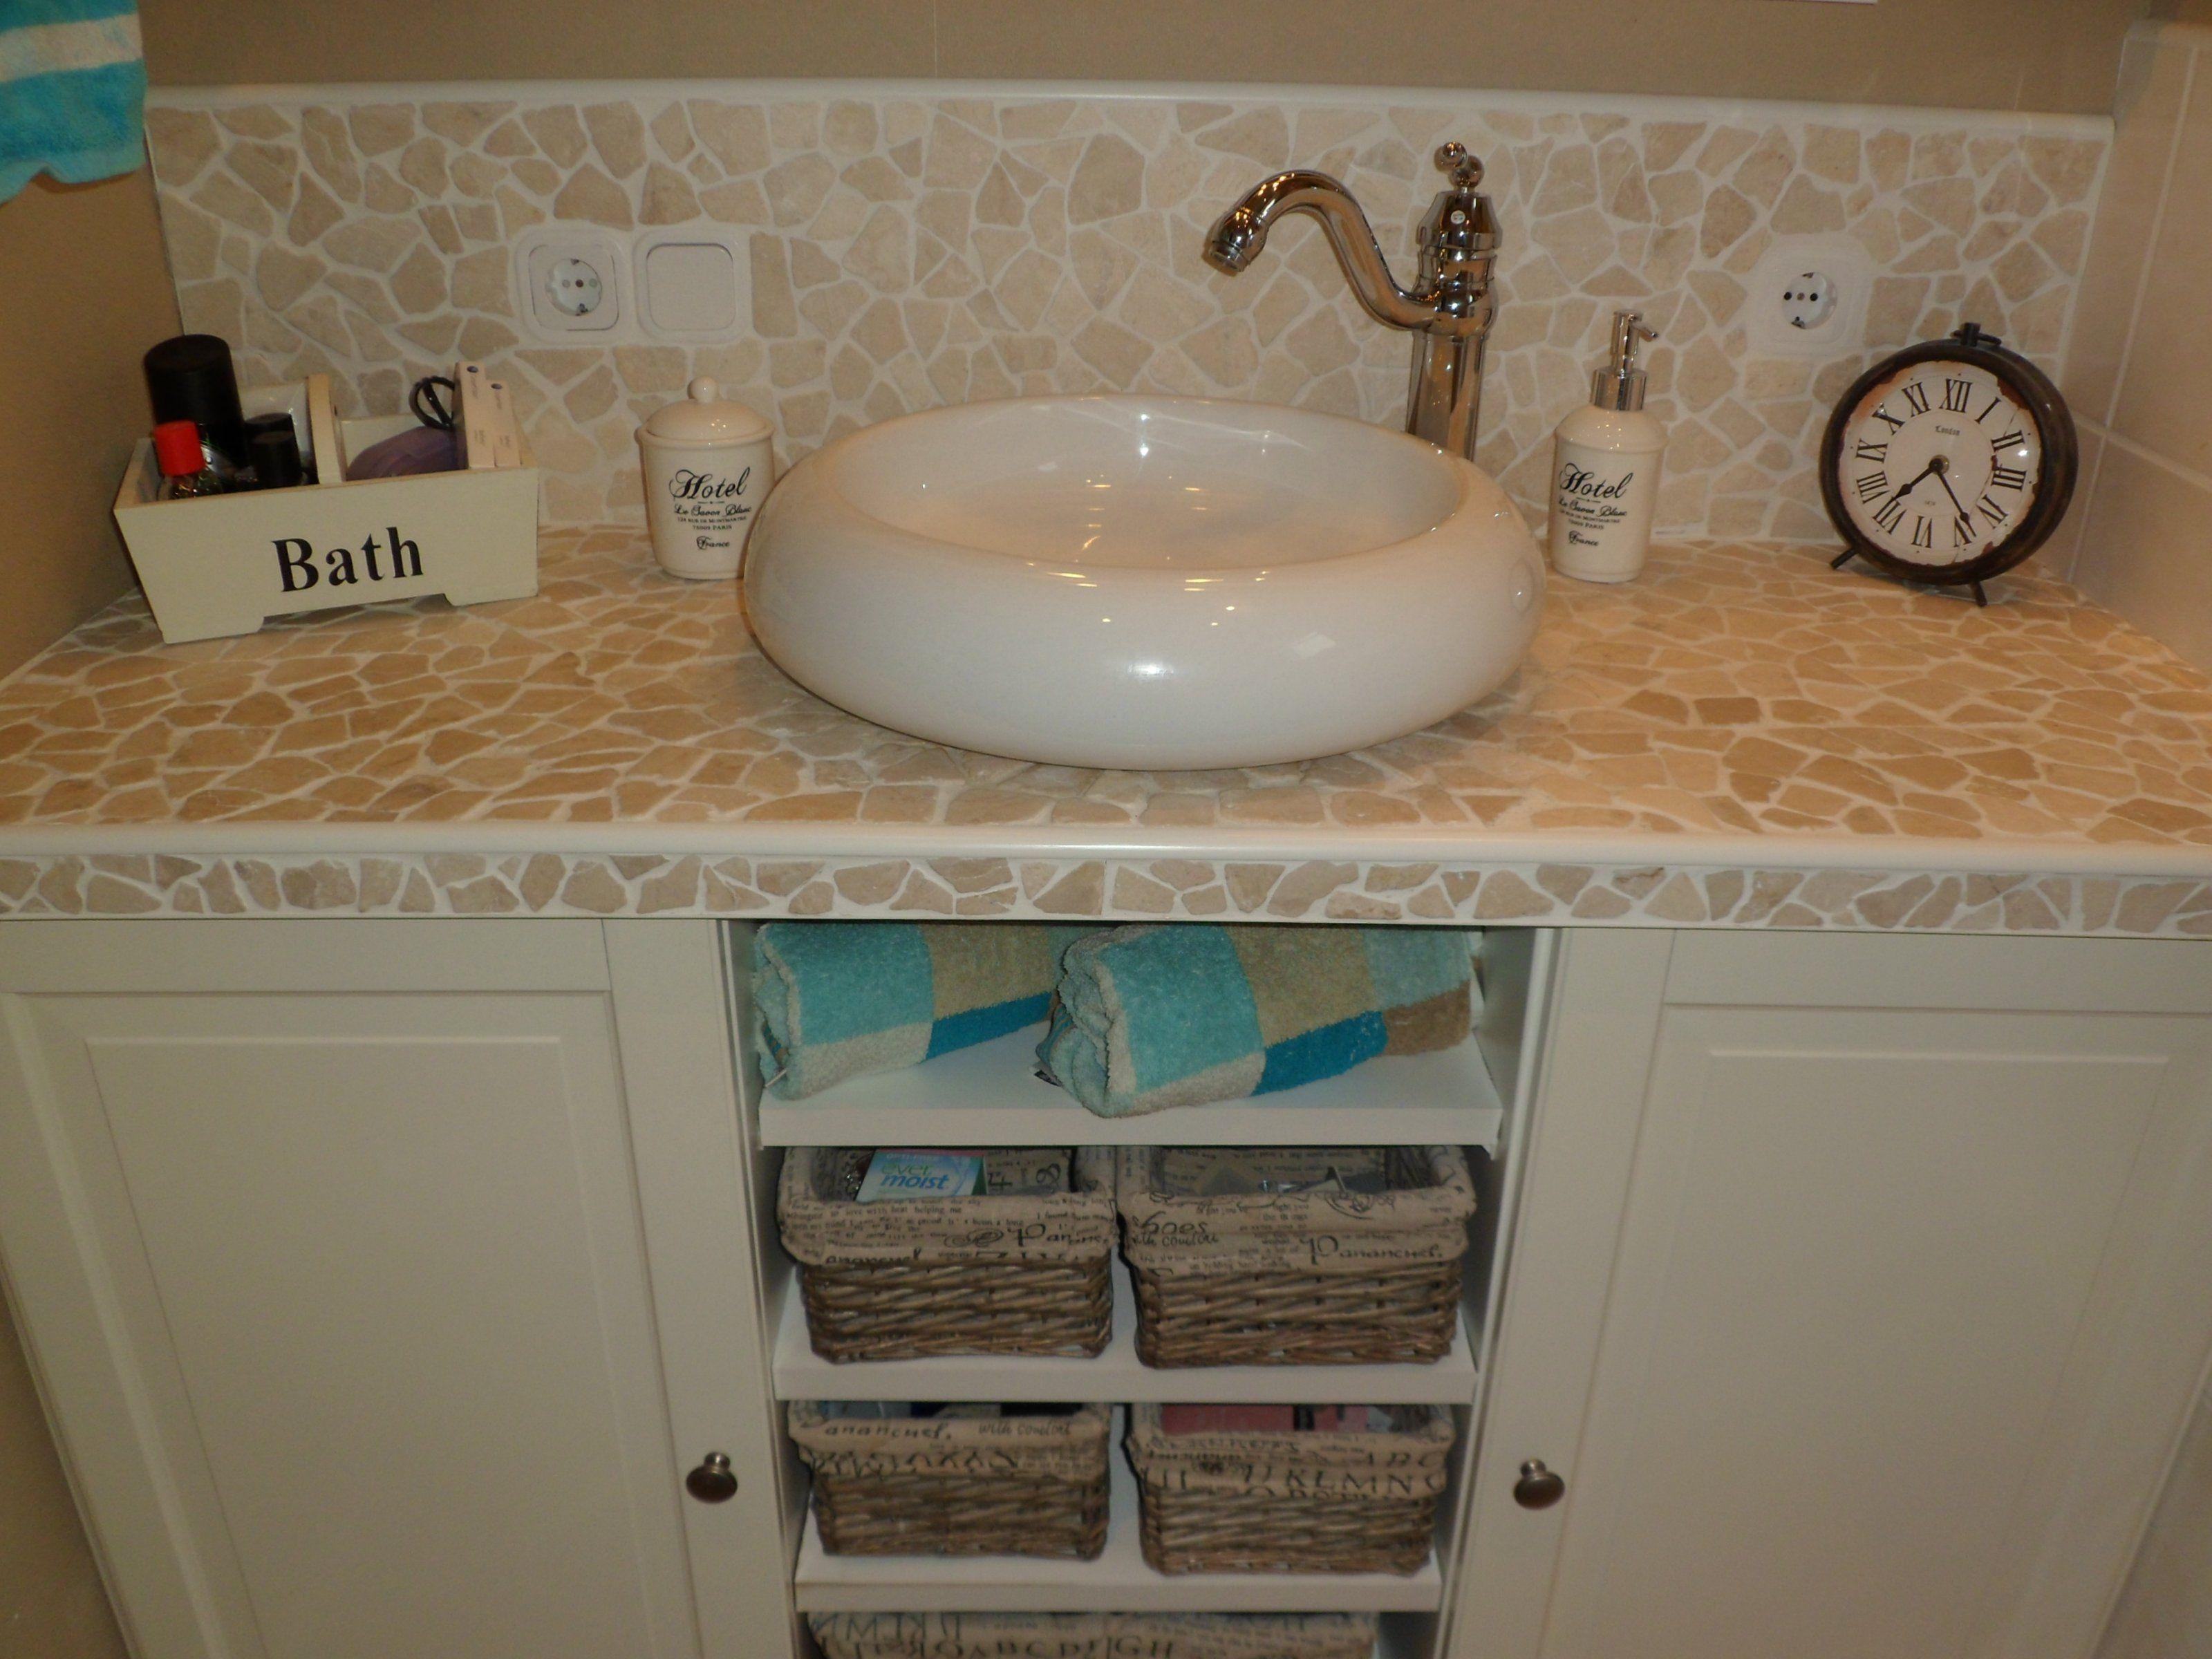 Waschbecken Unterschrank Bauanleitung Zum Selber Bauen Bath